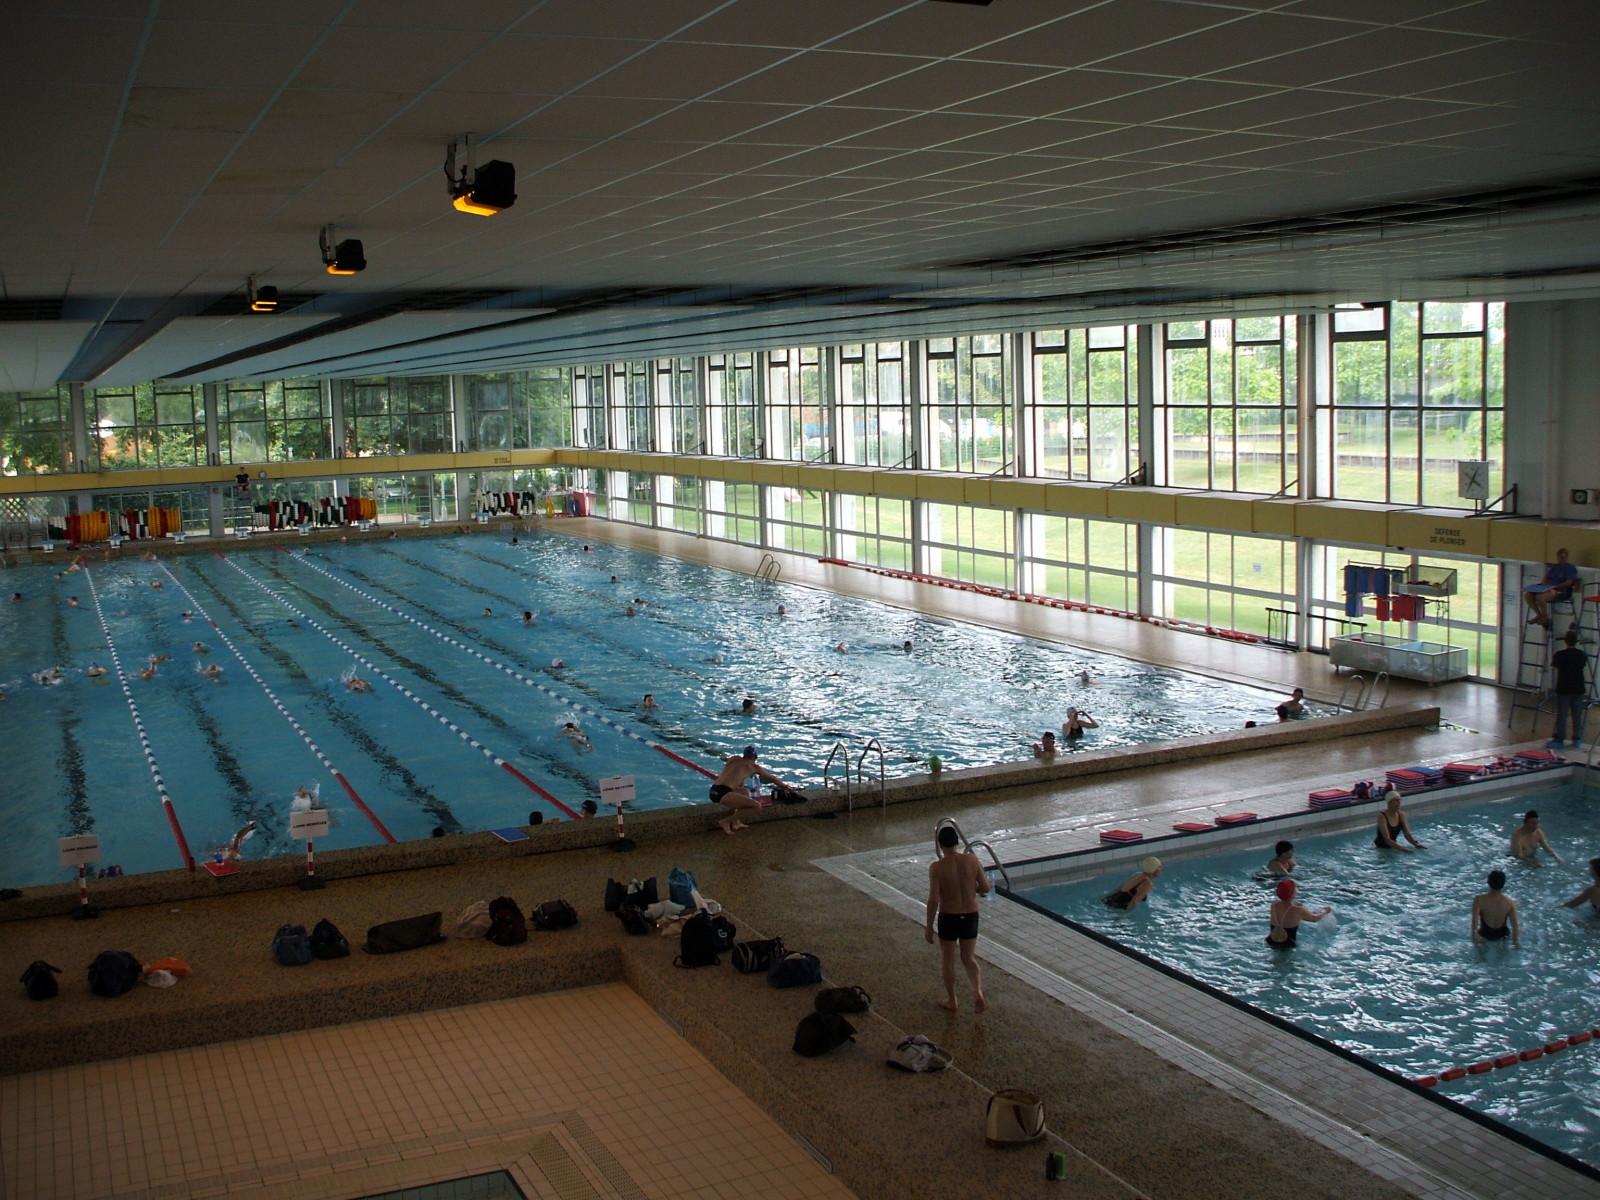 Meilleur de piscine pour bebe au luxembourg piscine for Piscine au luxembourg